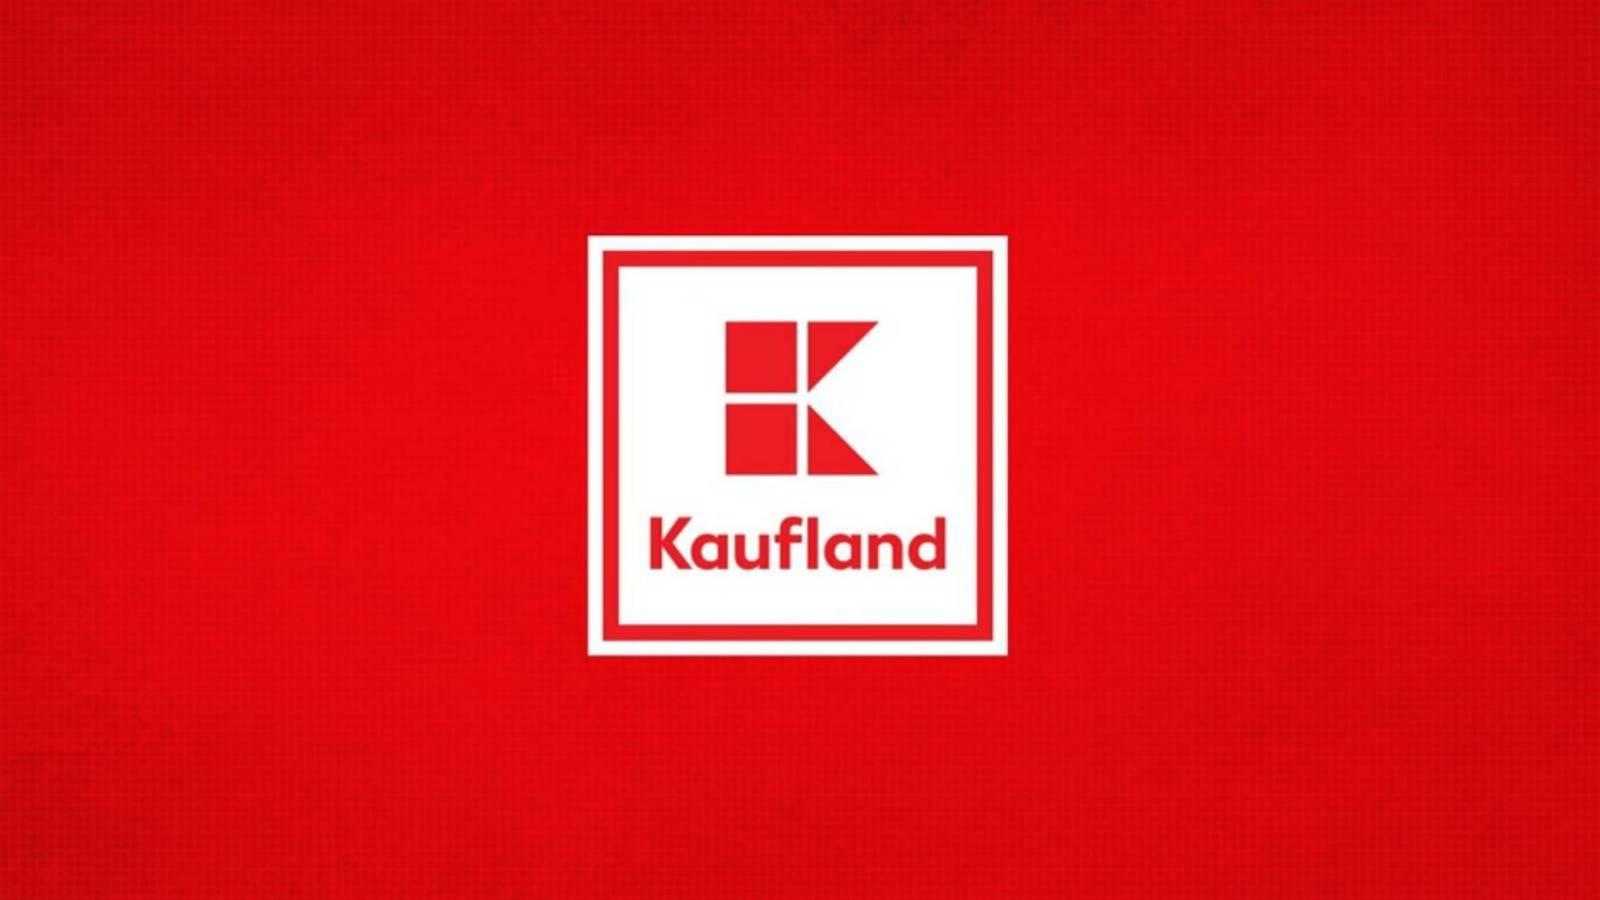 kaufland fresh